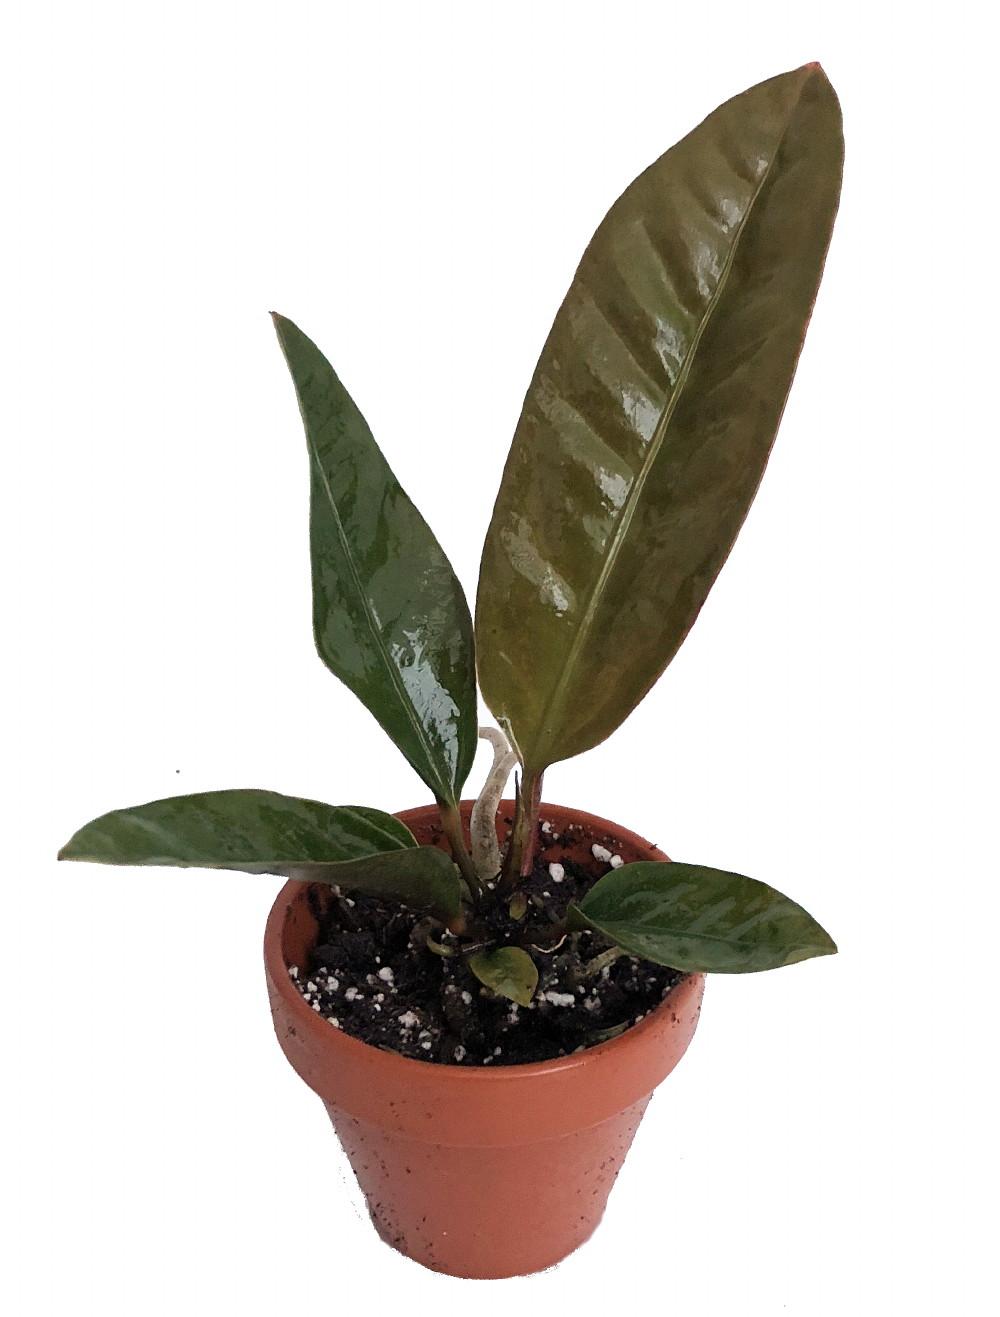 Bird's Nest Anthurium superbum - Easy to Grow Blooming House Plant on anthurium anceps, anthurium albovirescens, anthurium sect. digitinervium, anthurium atroviride, anthurium albidum, anthurium aristatum, zantedeschia aethiopica, anthurium angustilaminatum, anthurium albispatha,